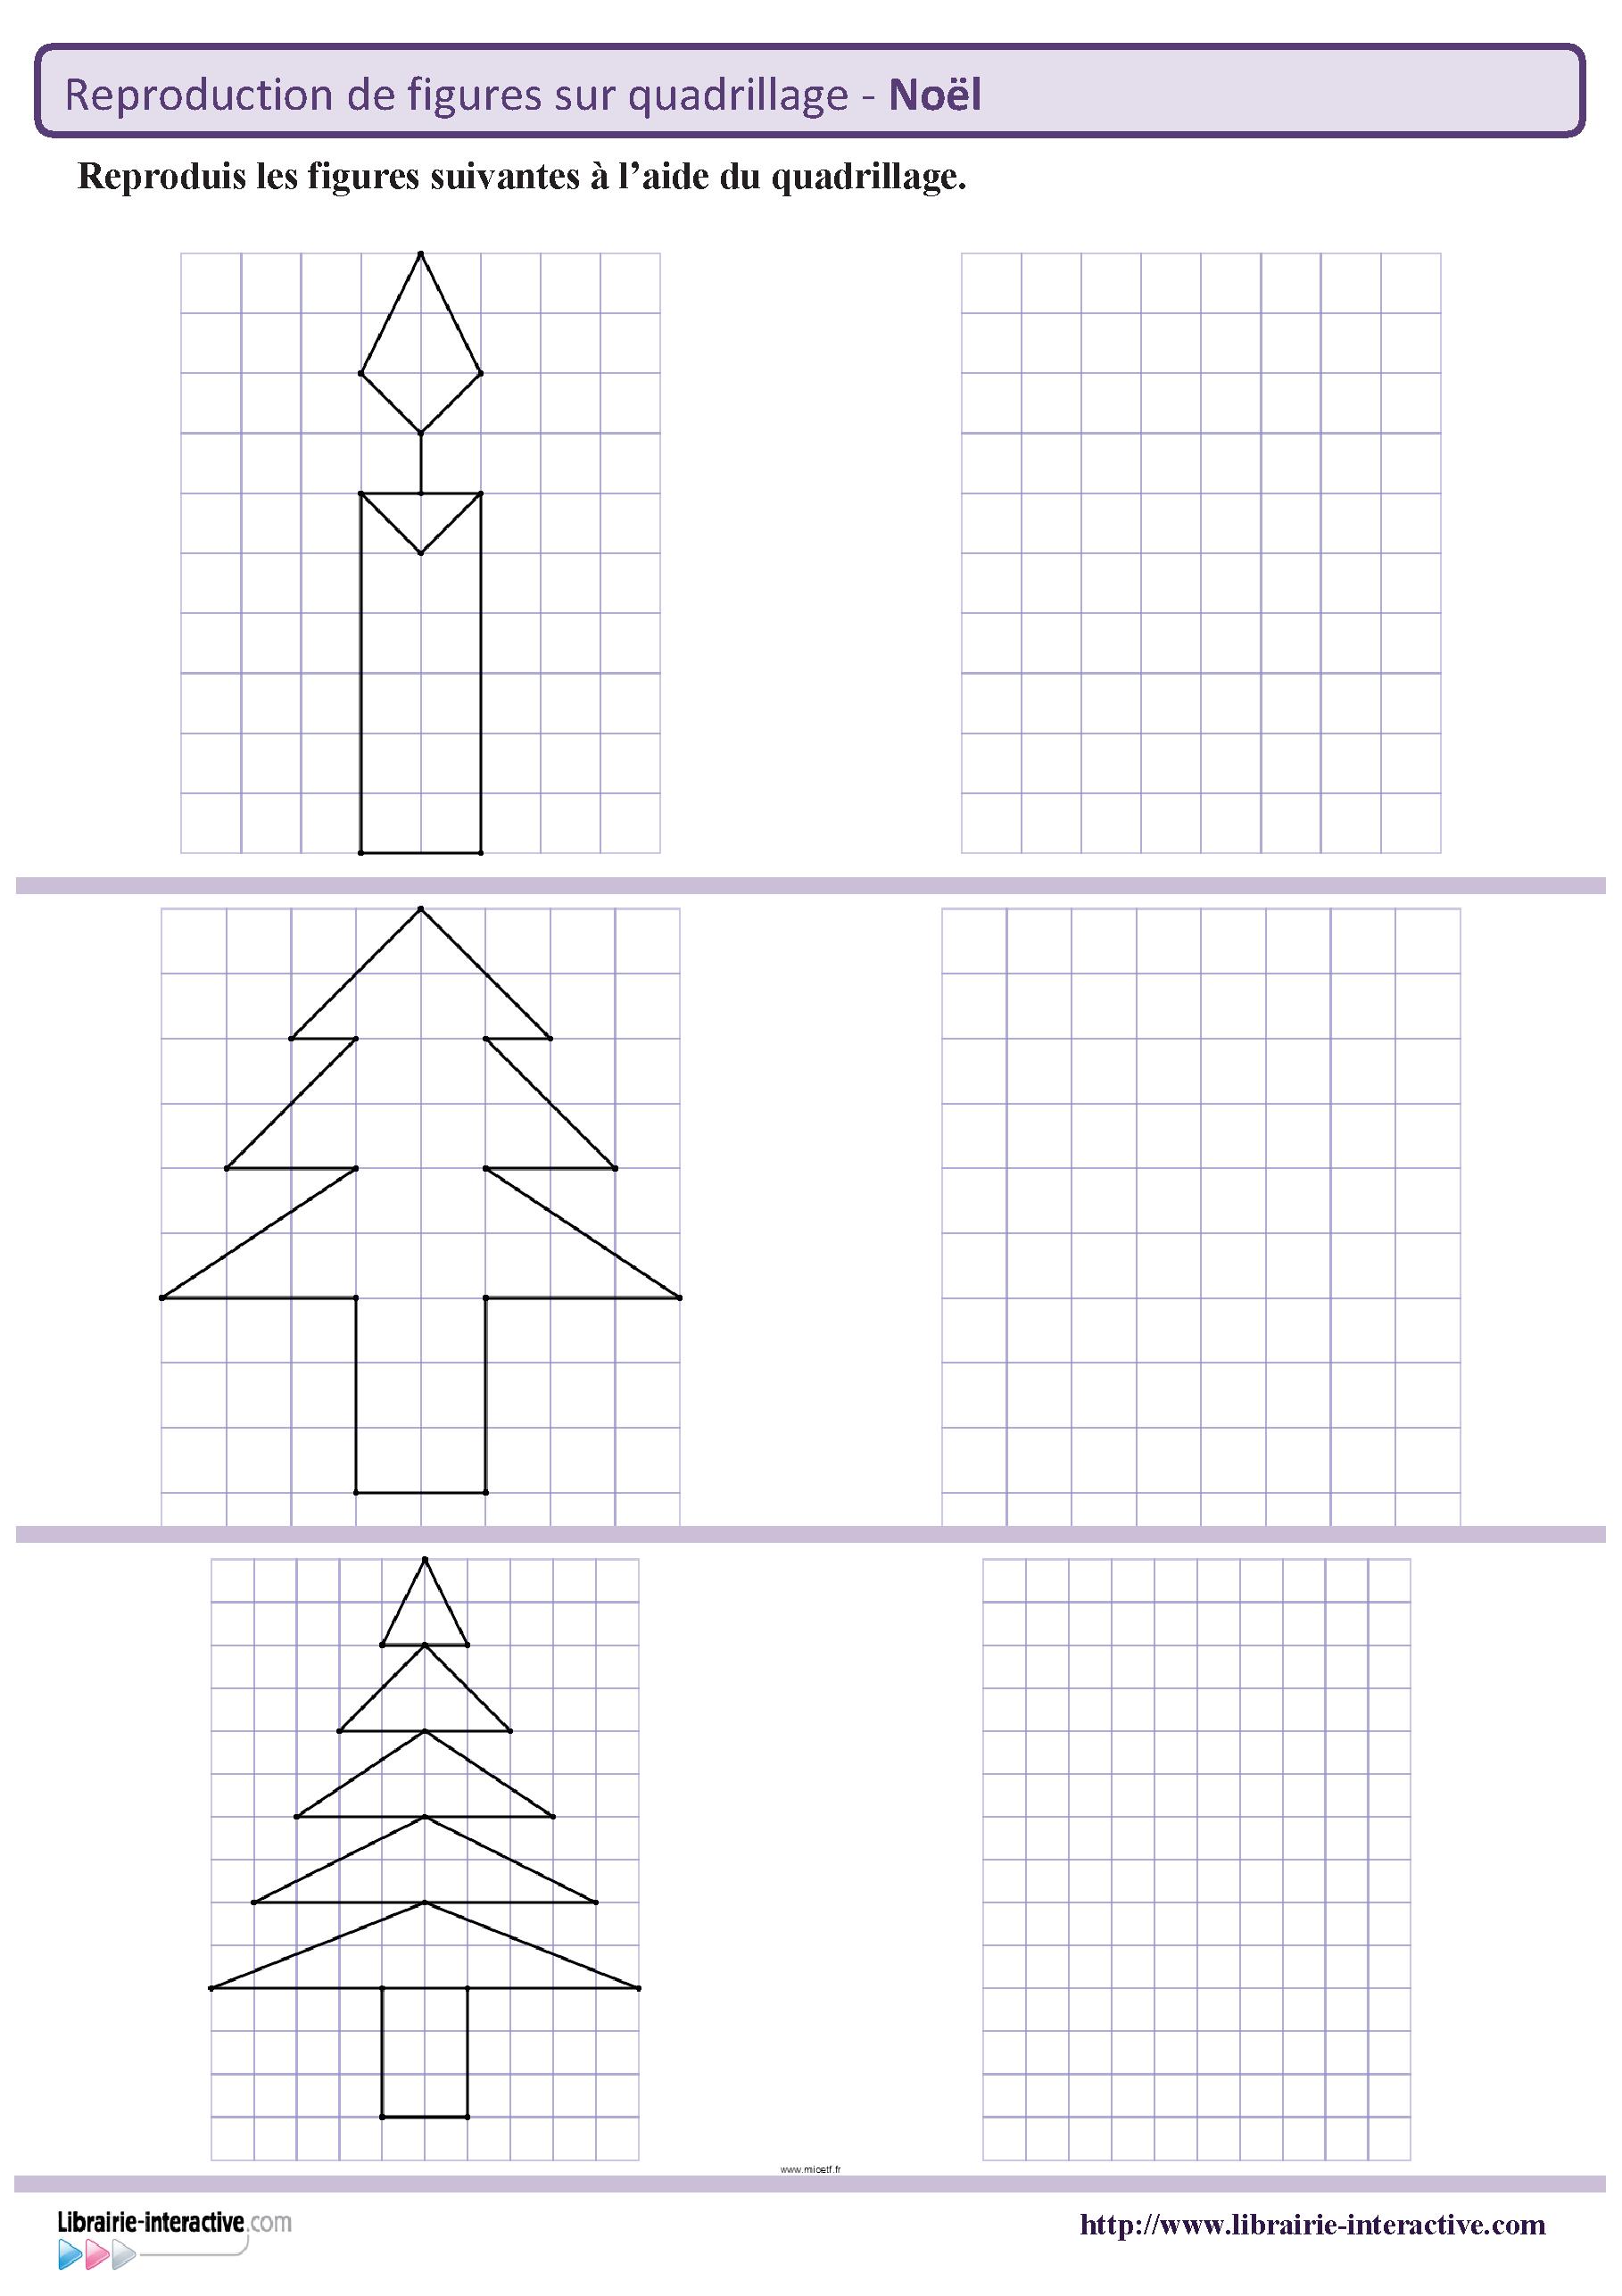 Des Figures Géométriques Sur Le Thème De Noël à Reproduire Sur